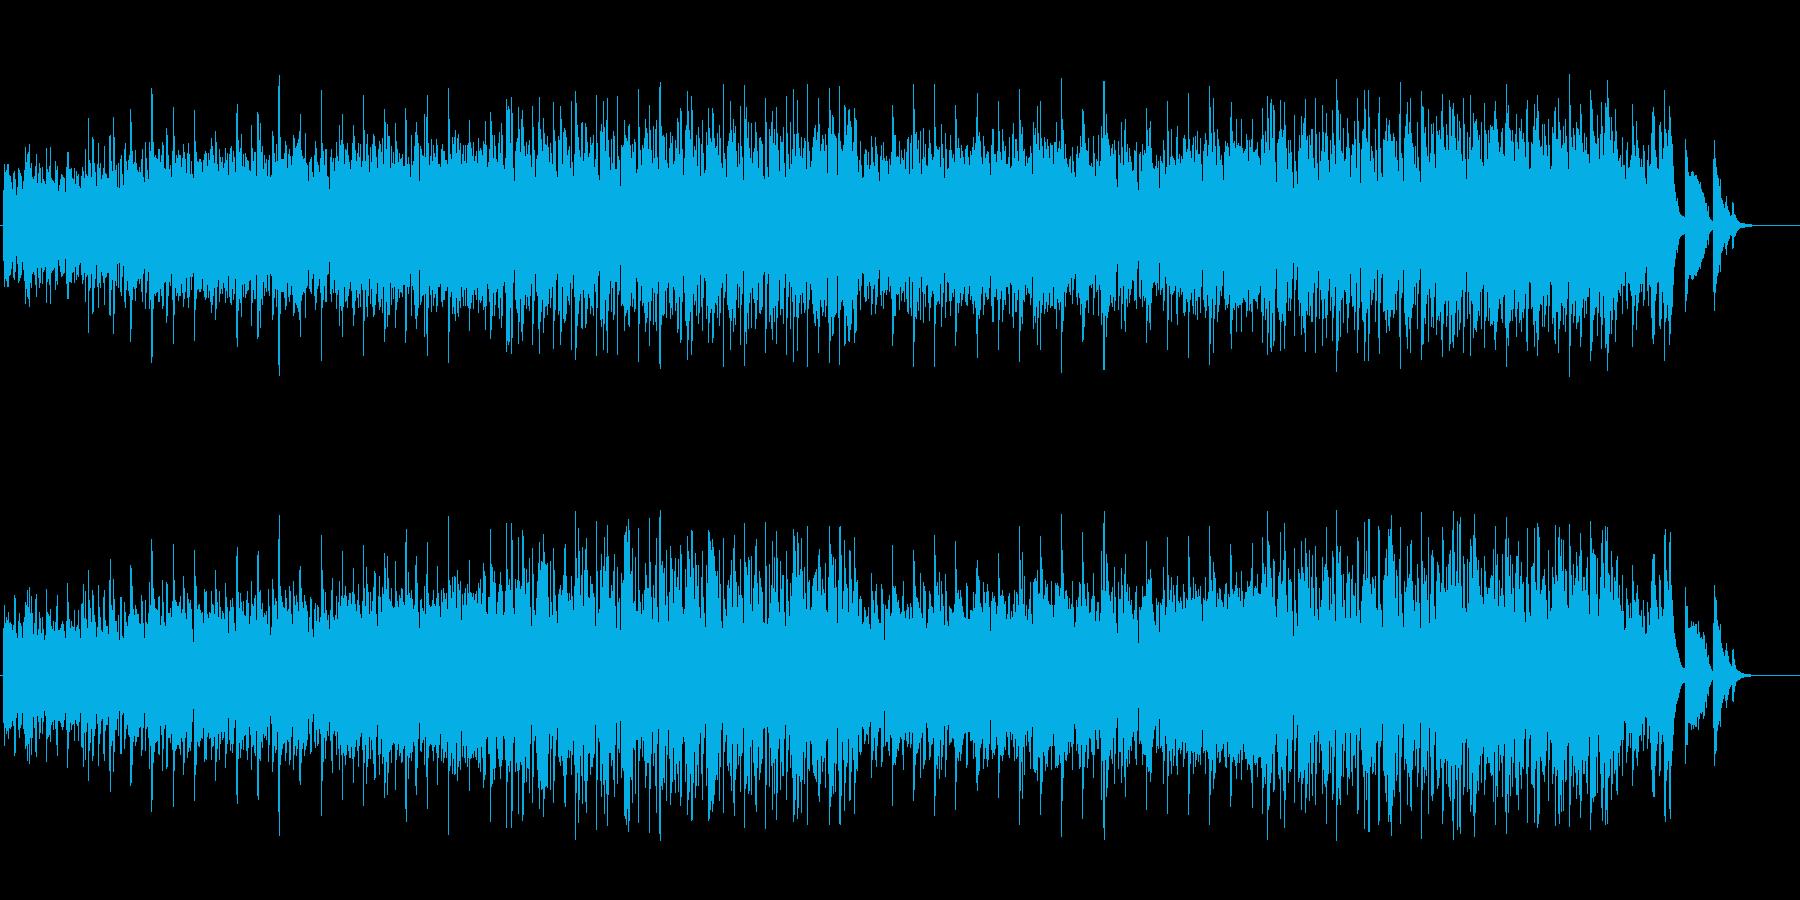 ムーディーなポップス(フルサイズ)の再生済みの波形